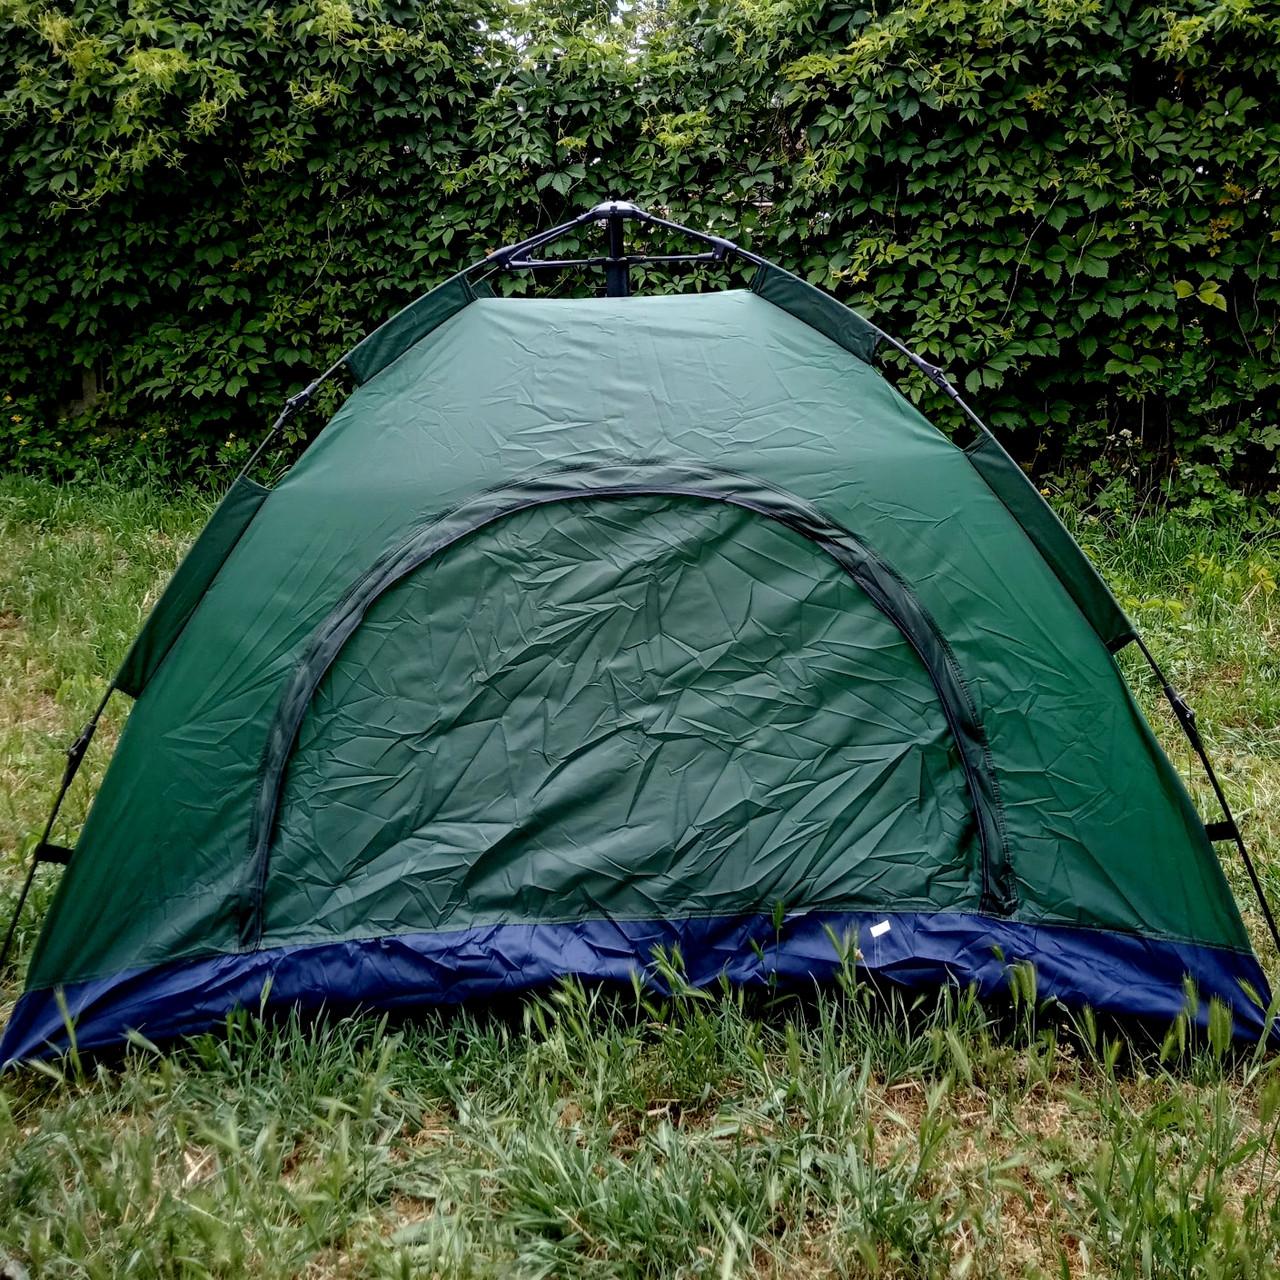 Палатка автоматическая Smart Camp, 2-х местная, зеленая (Живое фото)